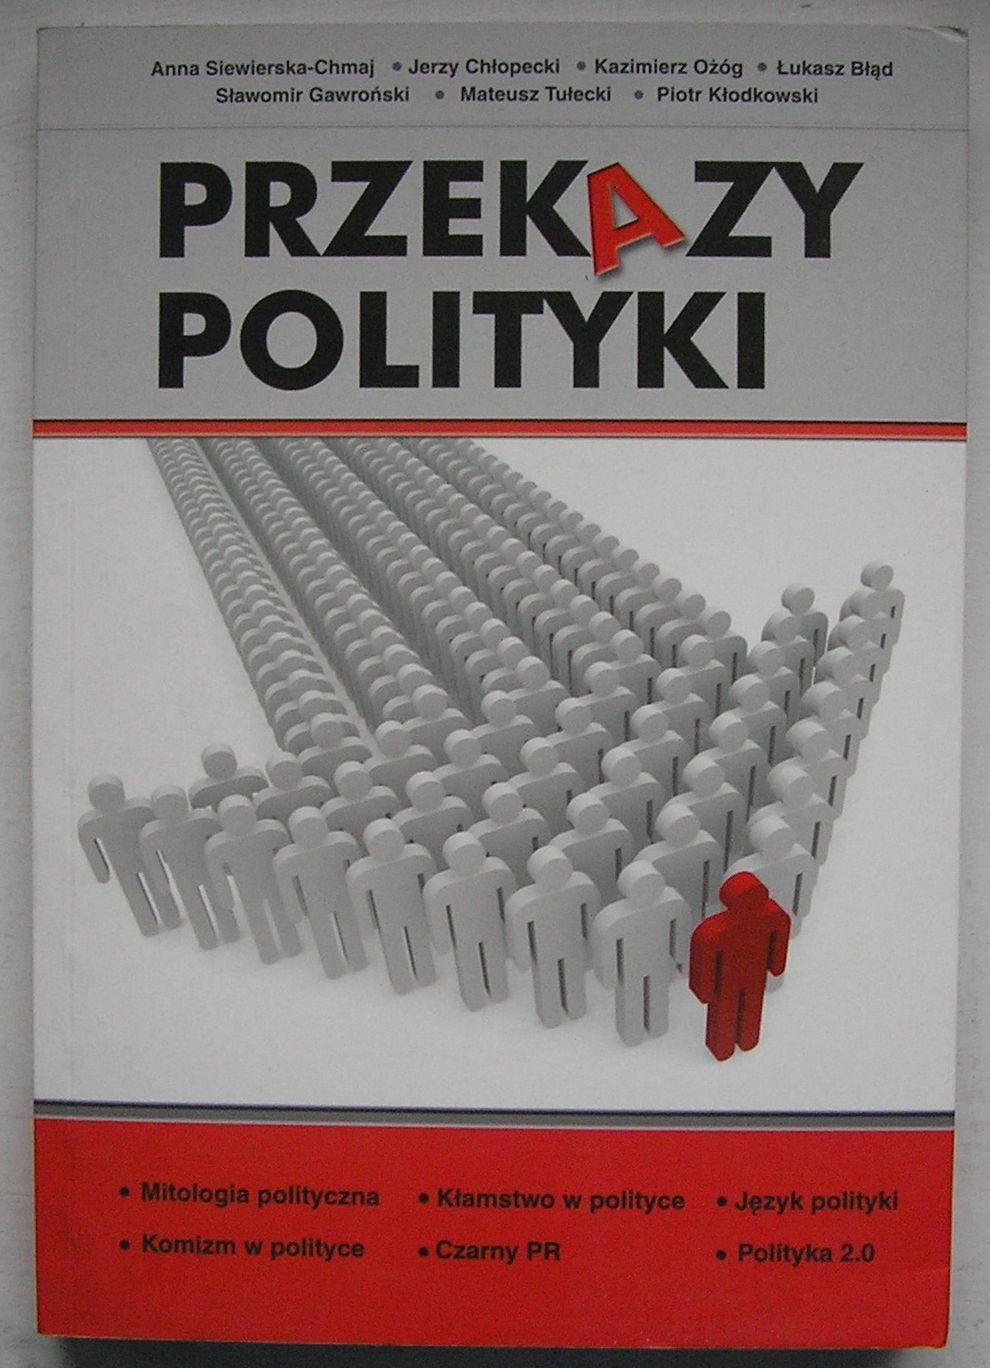 PRZEKAZY POLITYKI 2009 SIEWIERSKA-CHMAJ AUTOGRAF